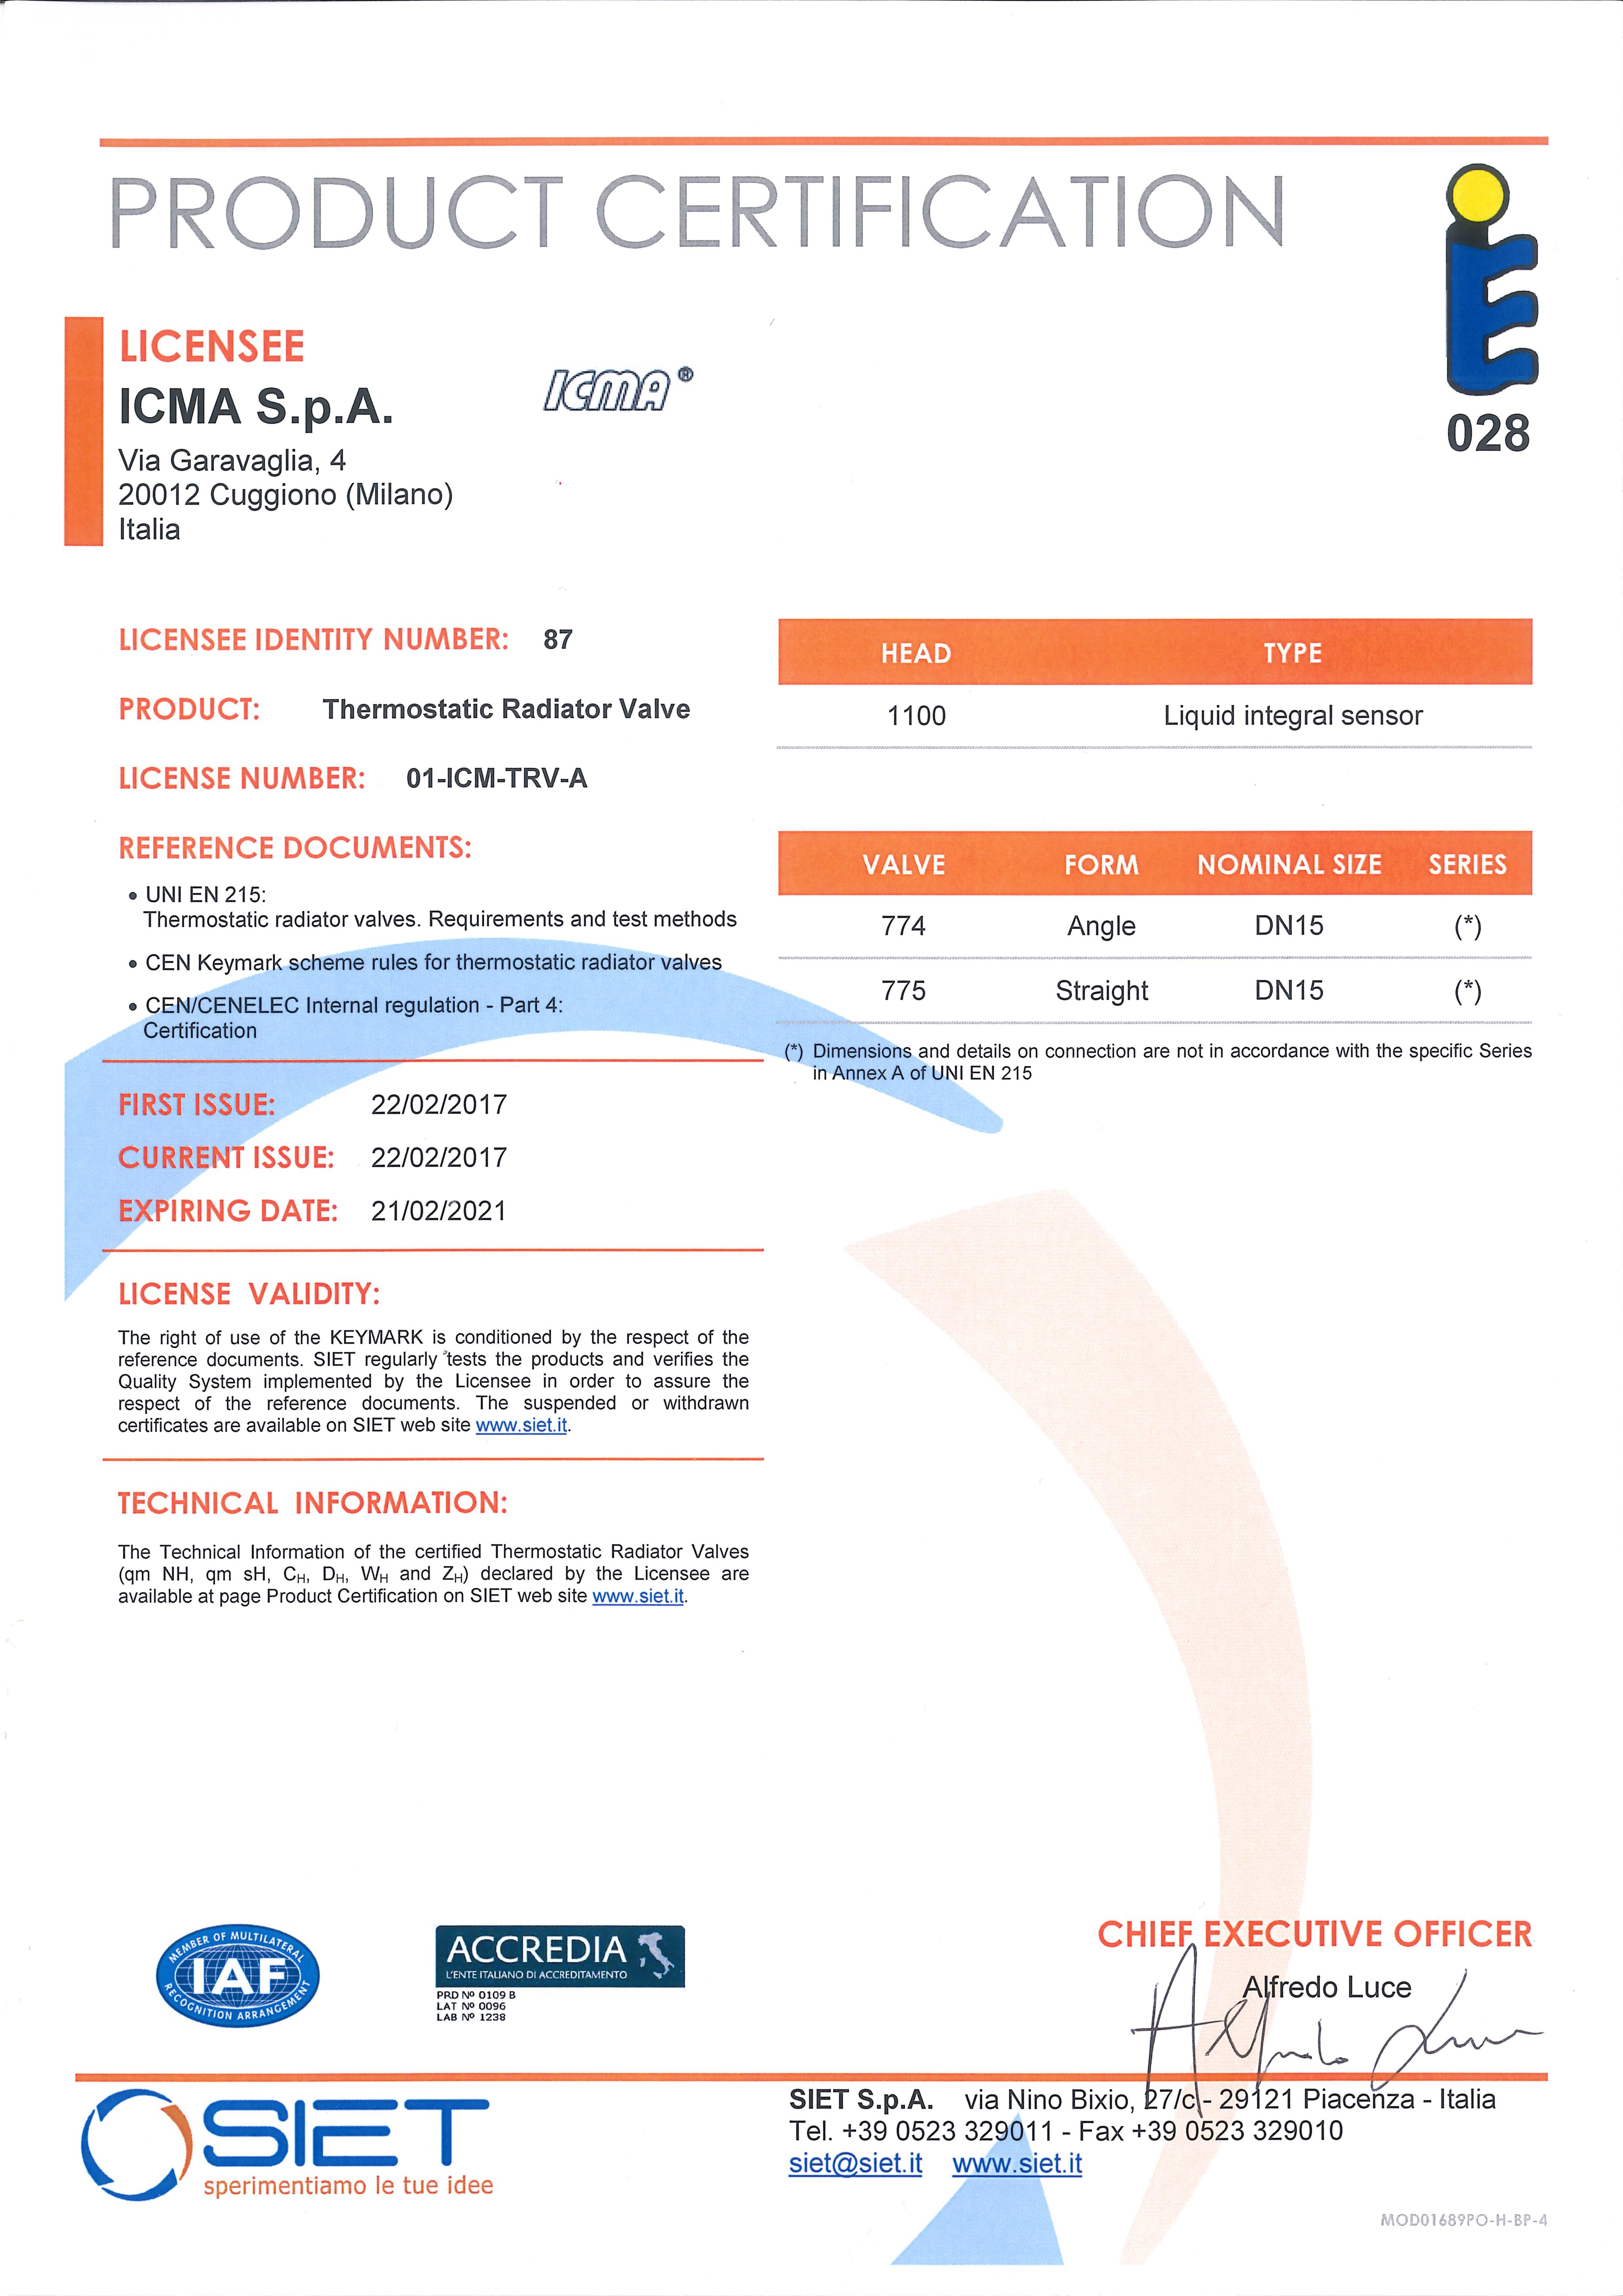 Сертификат на термостатические радиаторные краны ICMA